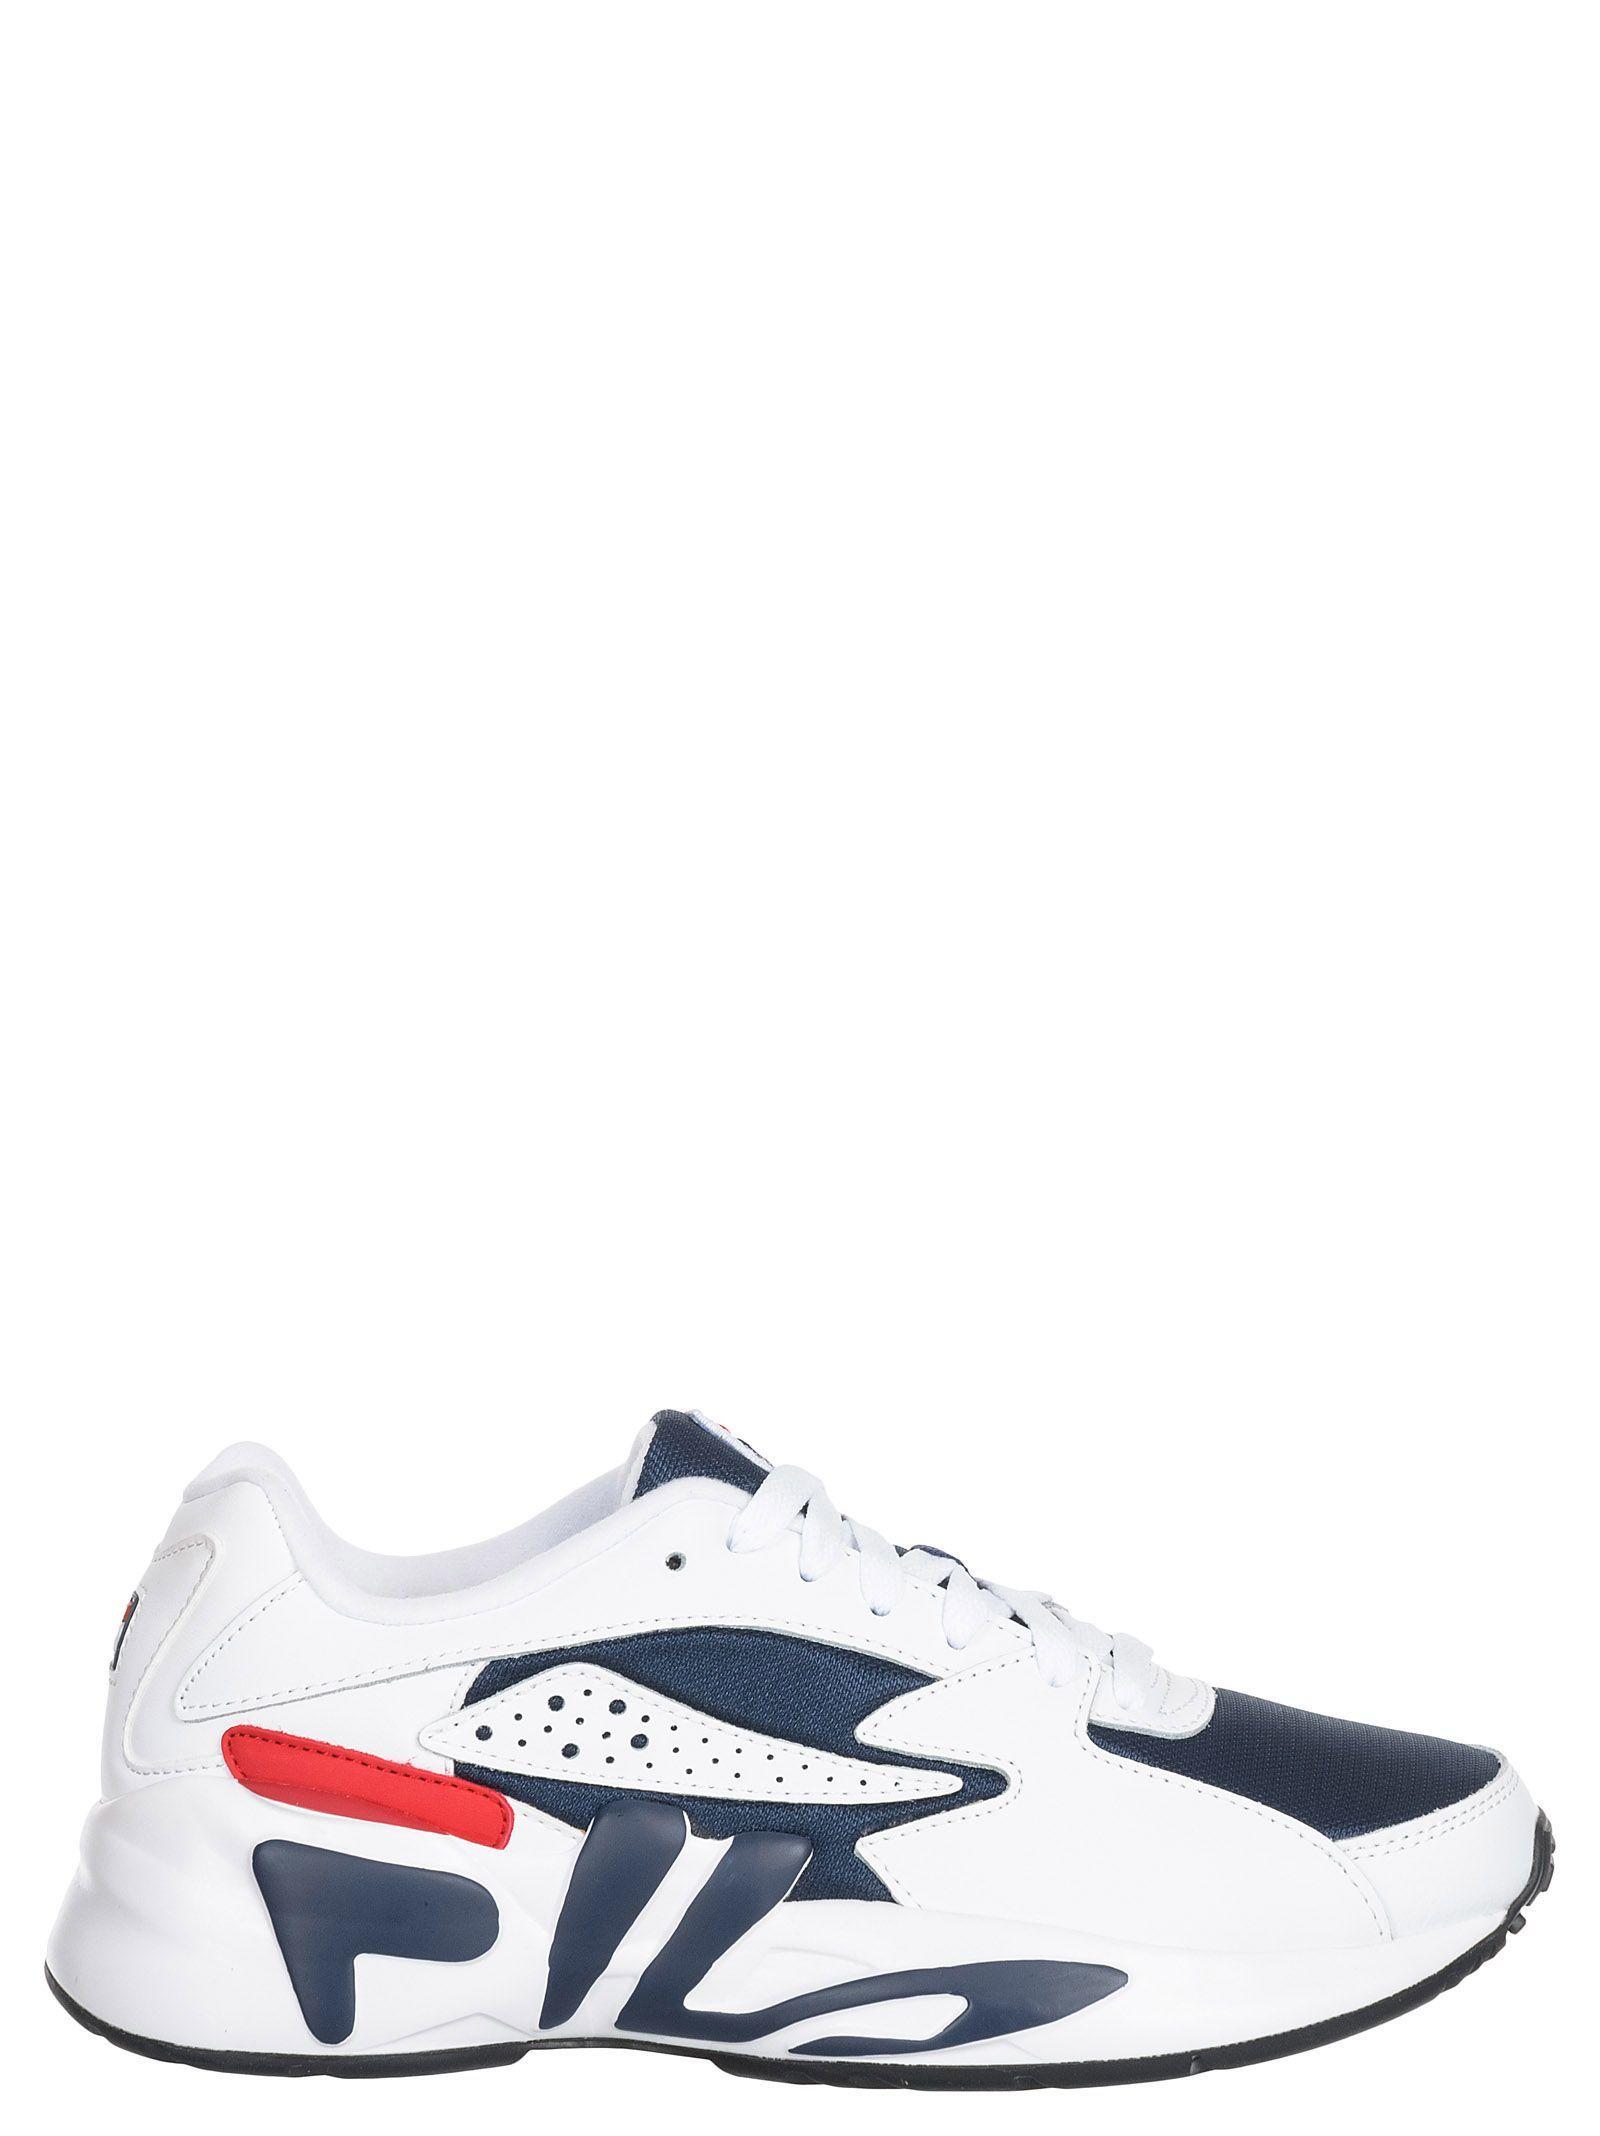 FILA MINDBLOWER SNEAKERS. #fila #shoes | Sneakers, New fila